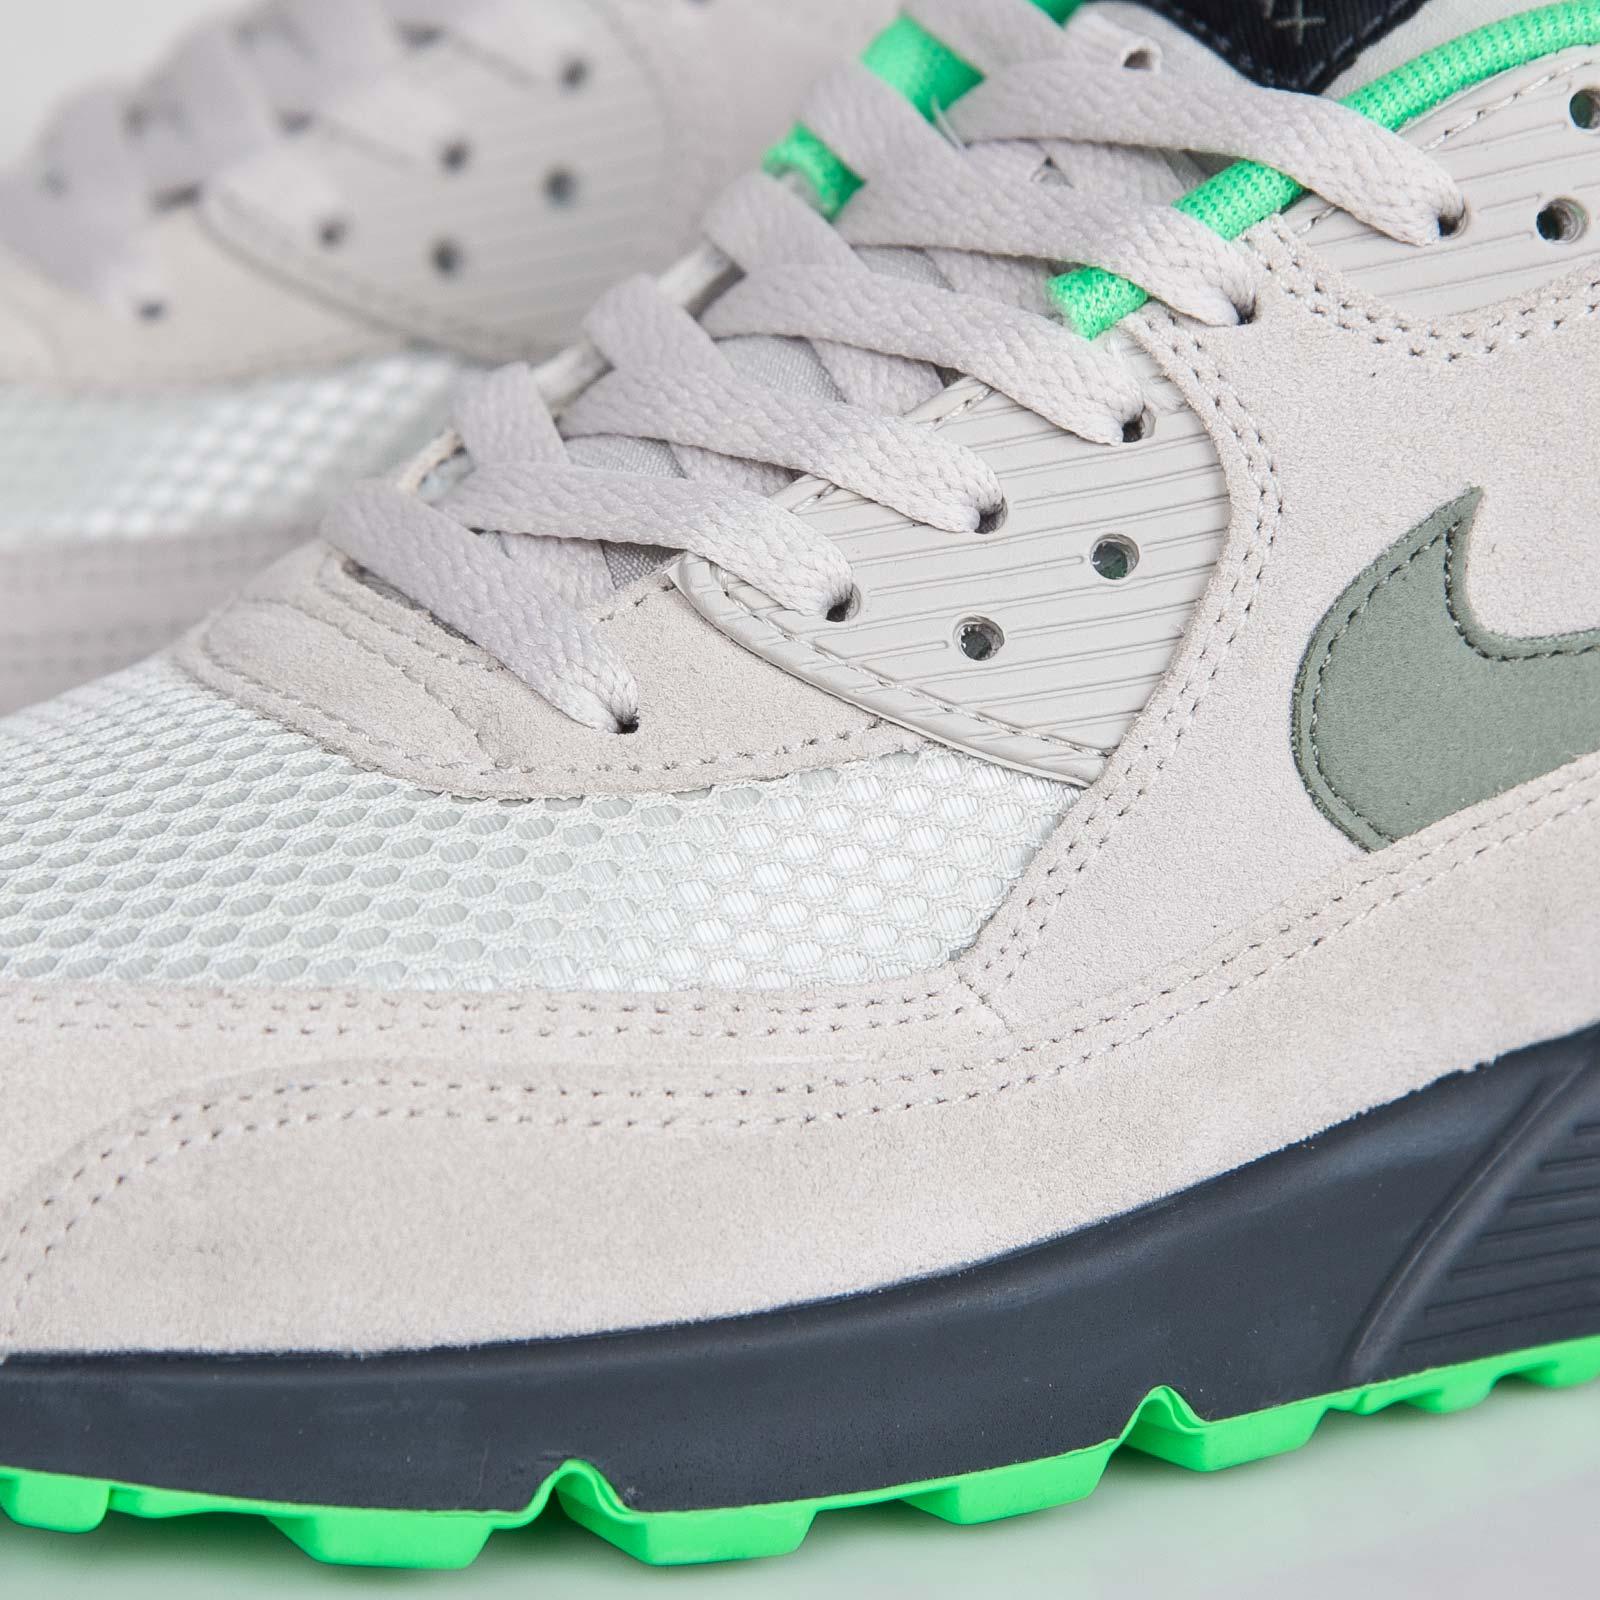 Nike Air Max 90 Essential 537384 043 Sneakersnstuff